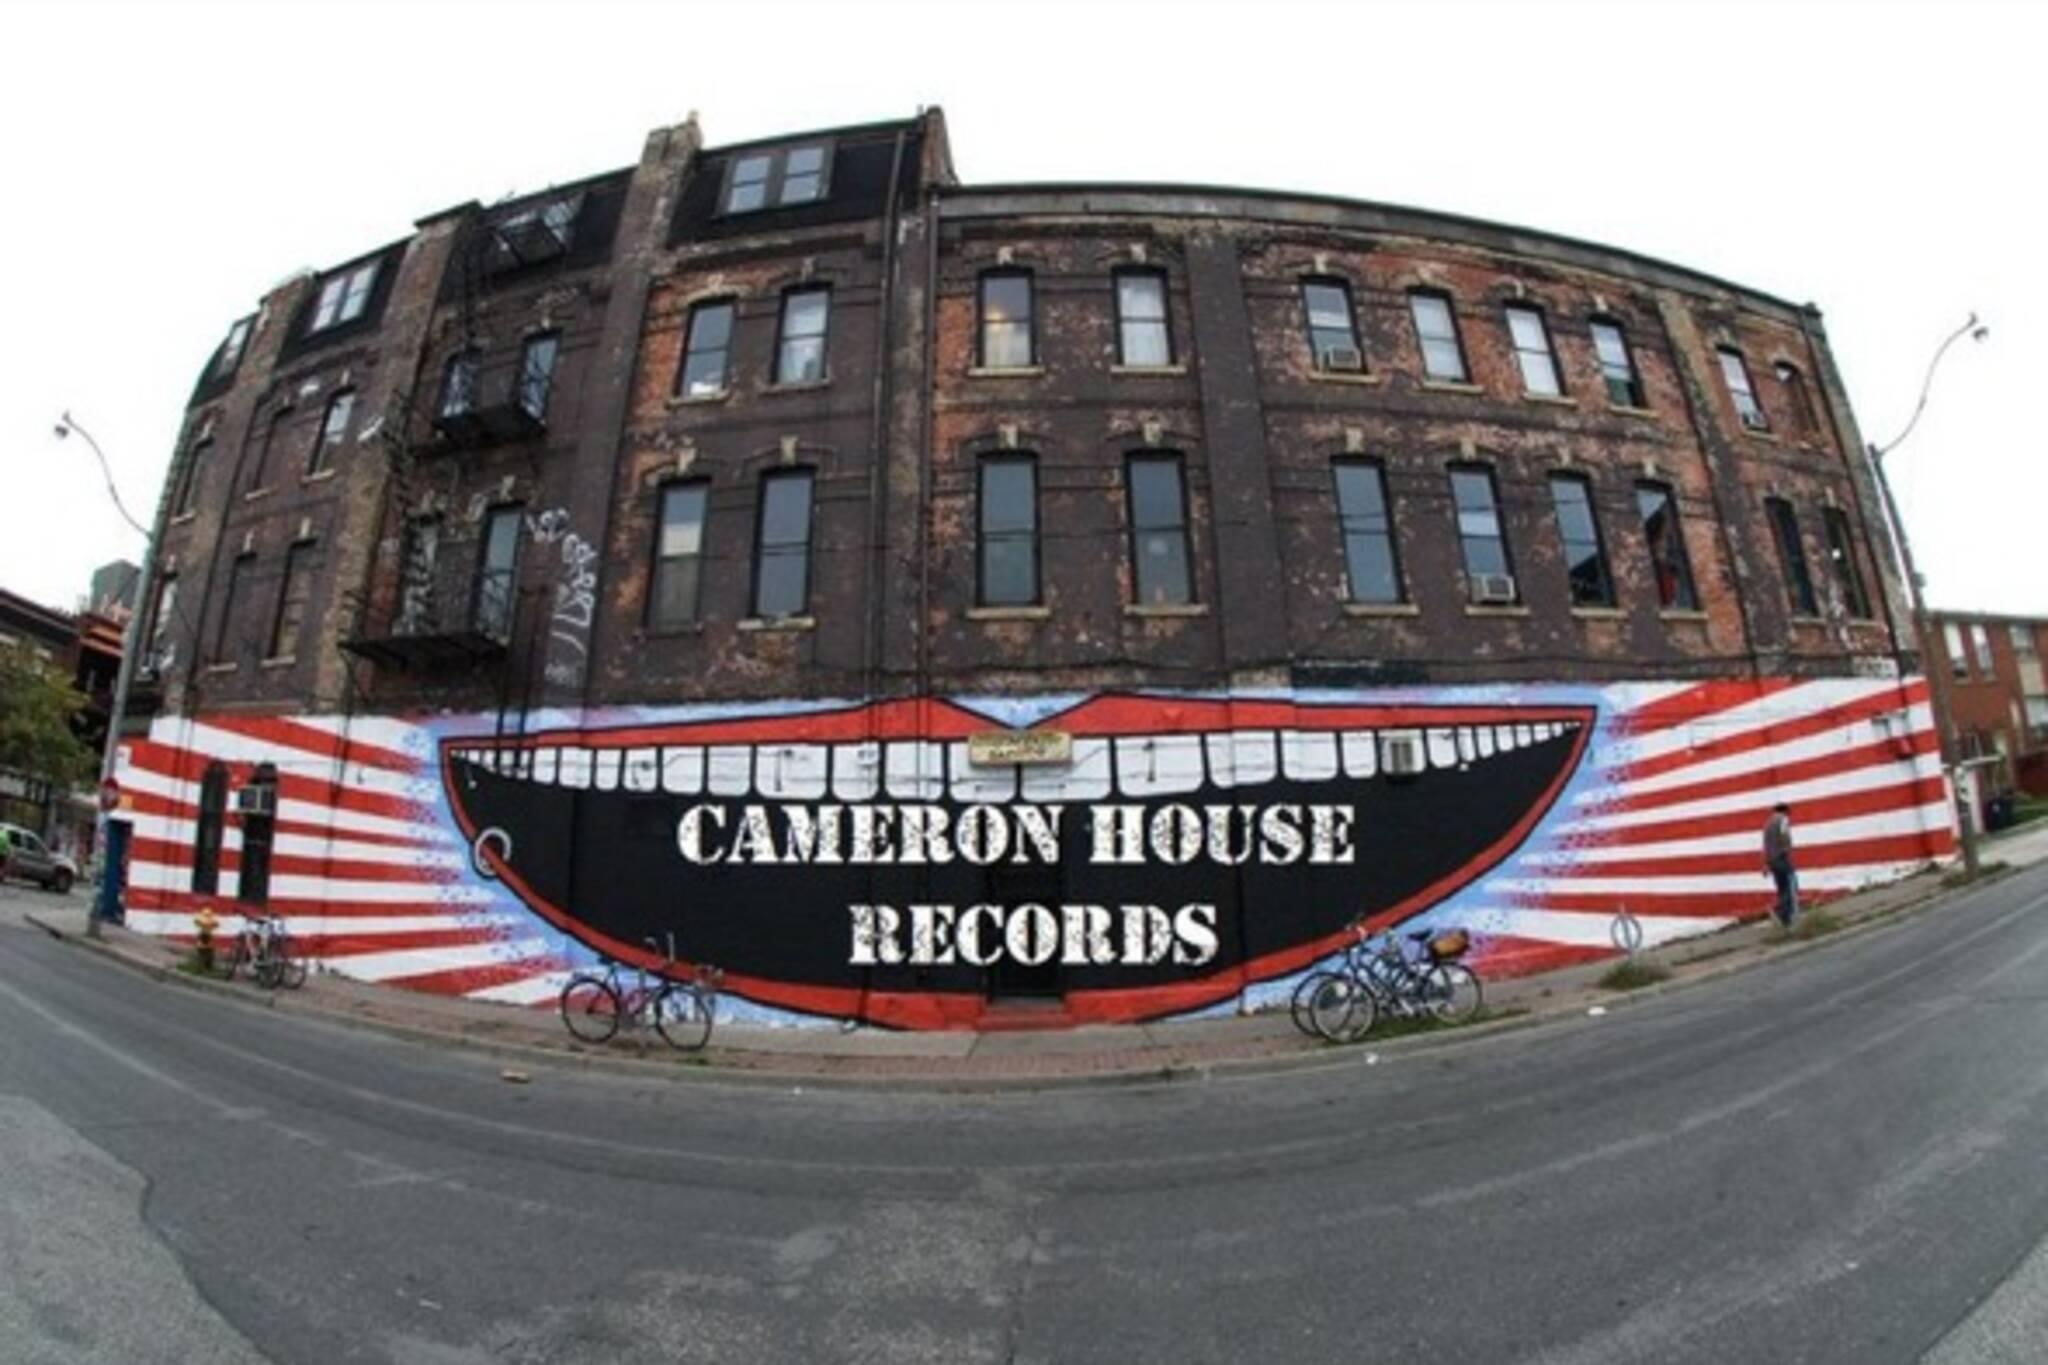 Cameron House Records